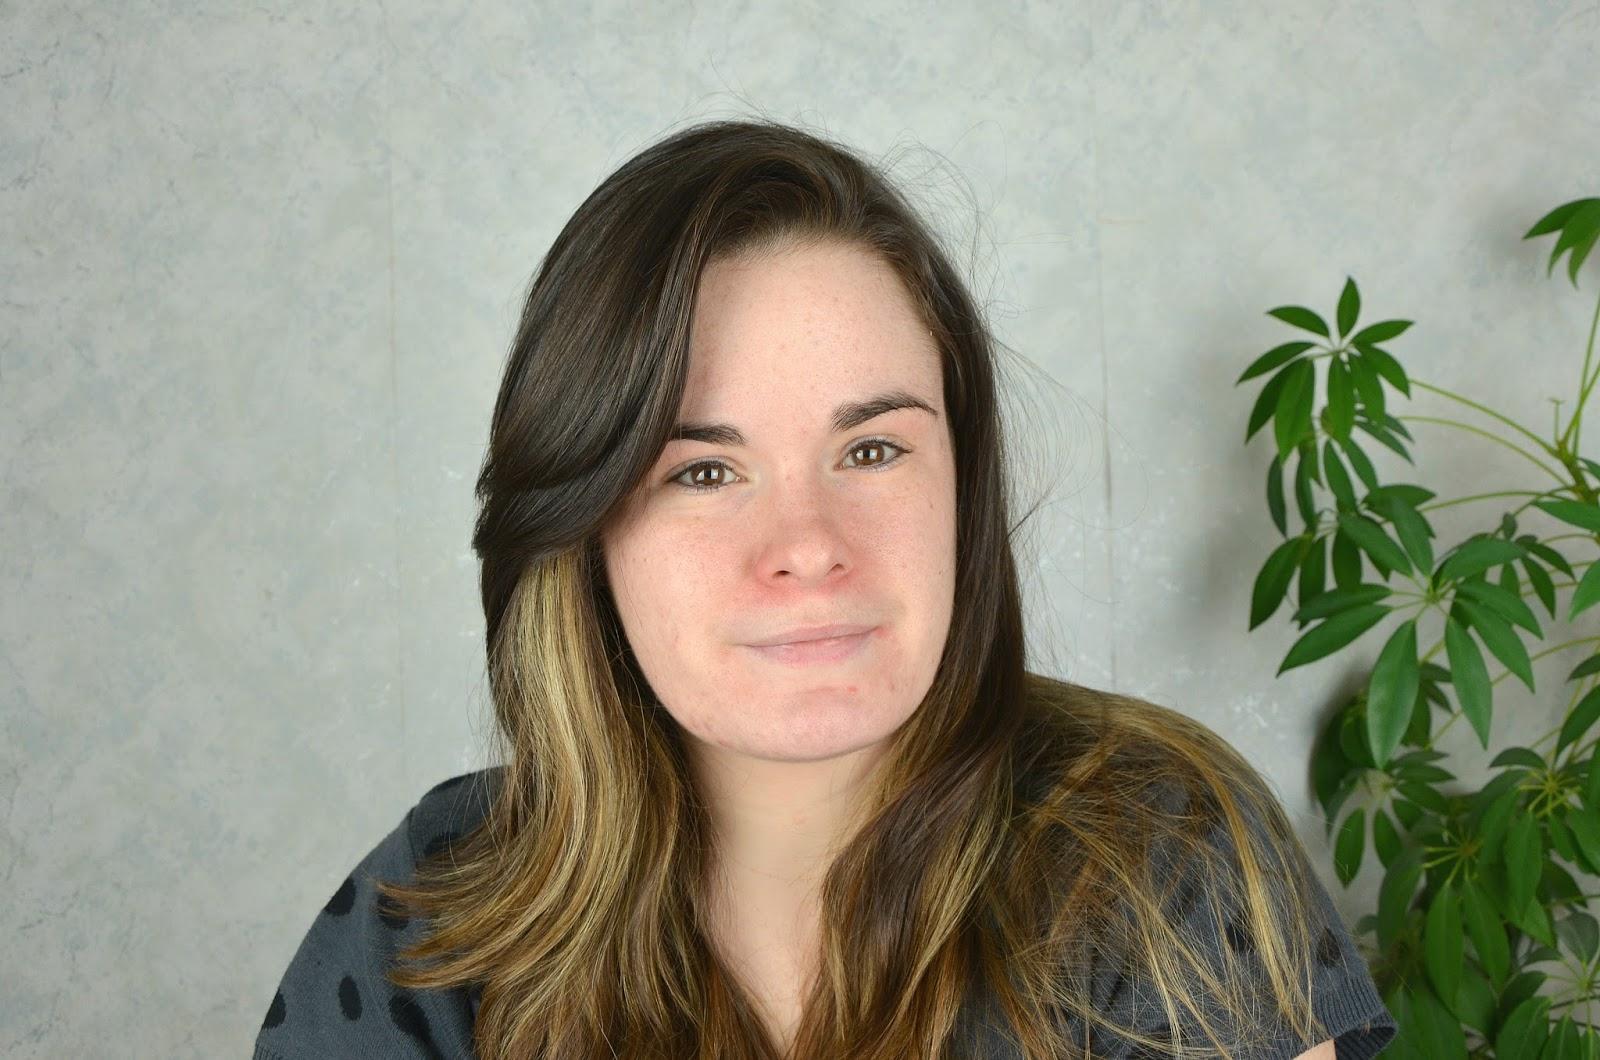 bilan de mon deuxième mois de traitemant pour l'acné